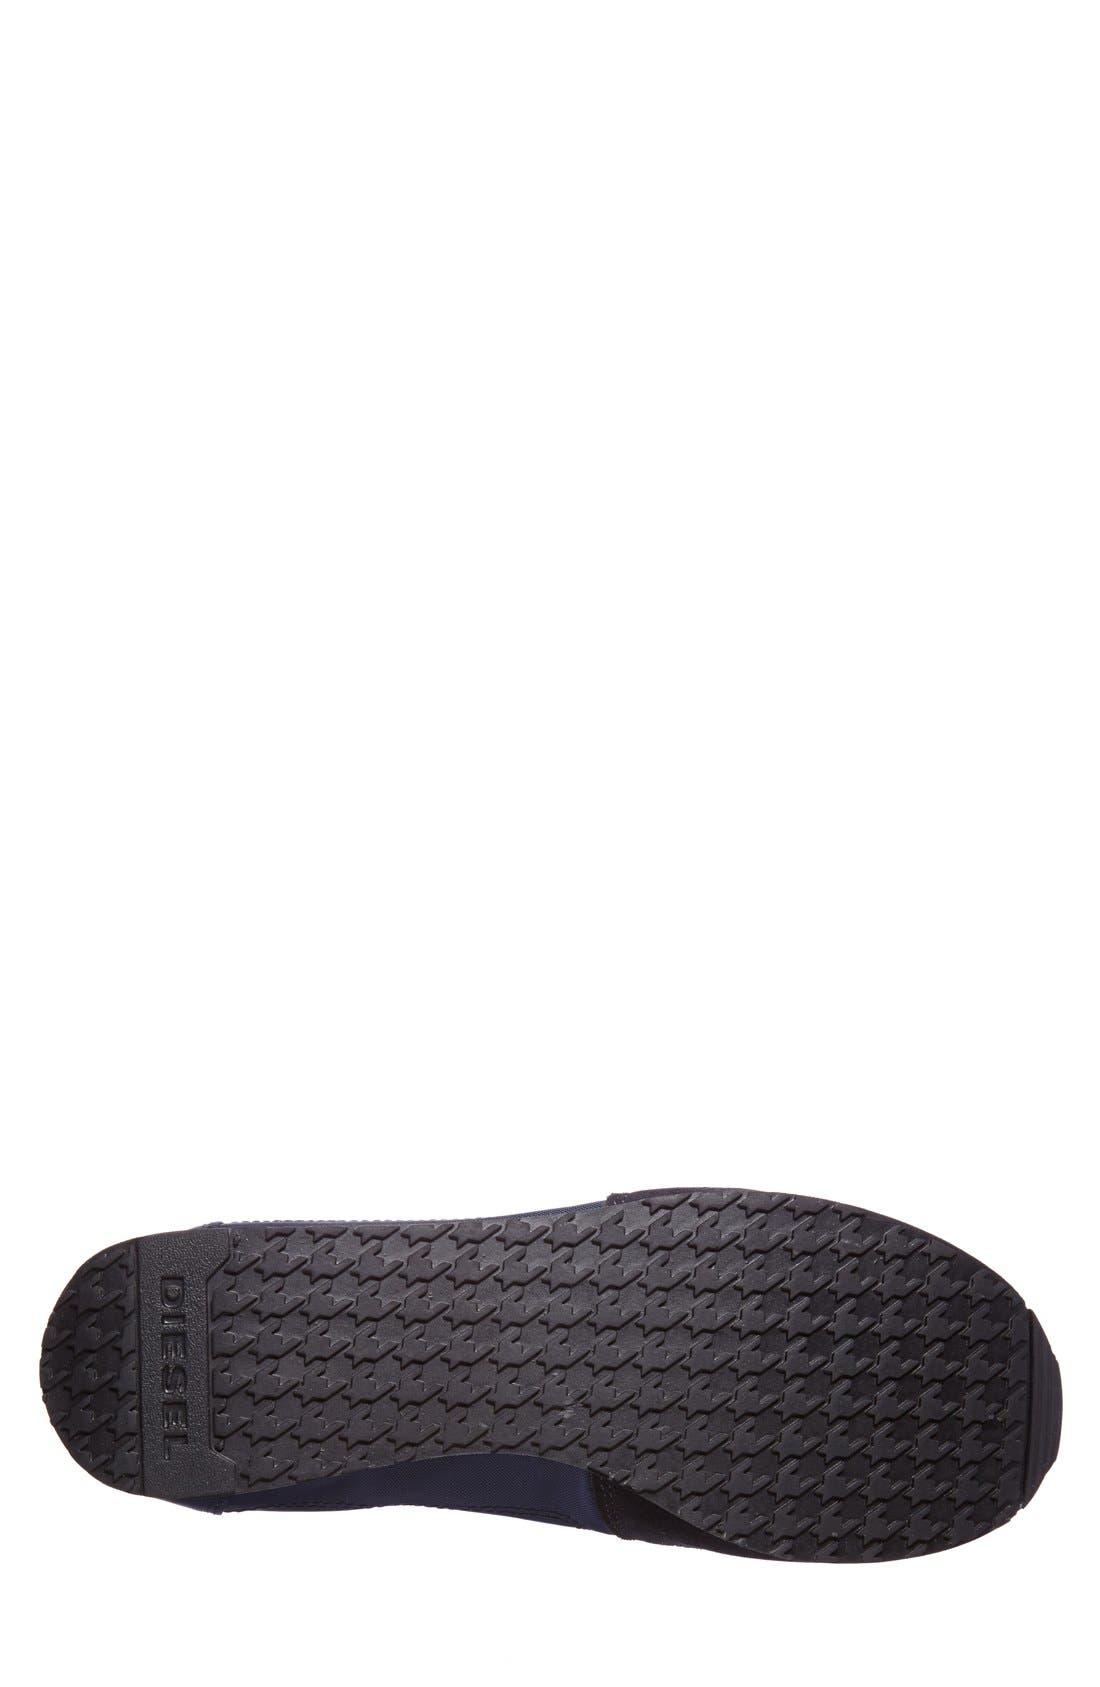 'Black Jake Slocker' Sneaker,                             Alternate thumbnail 2, color,                             400